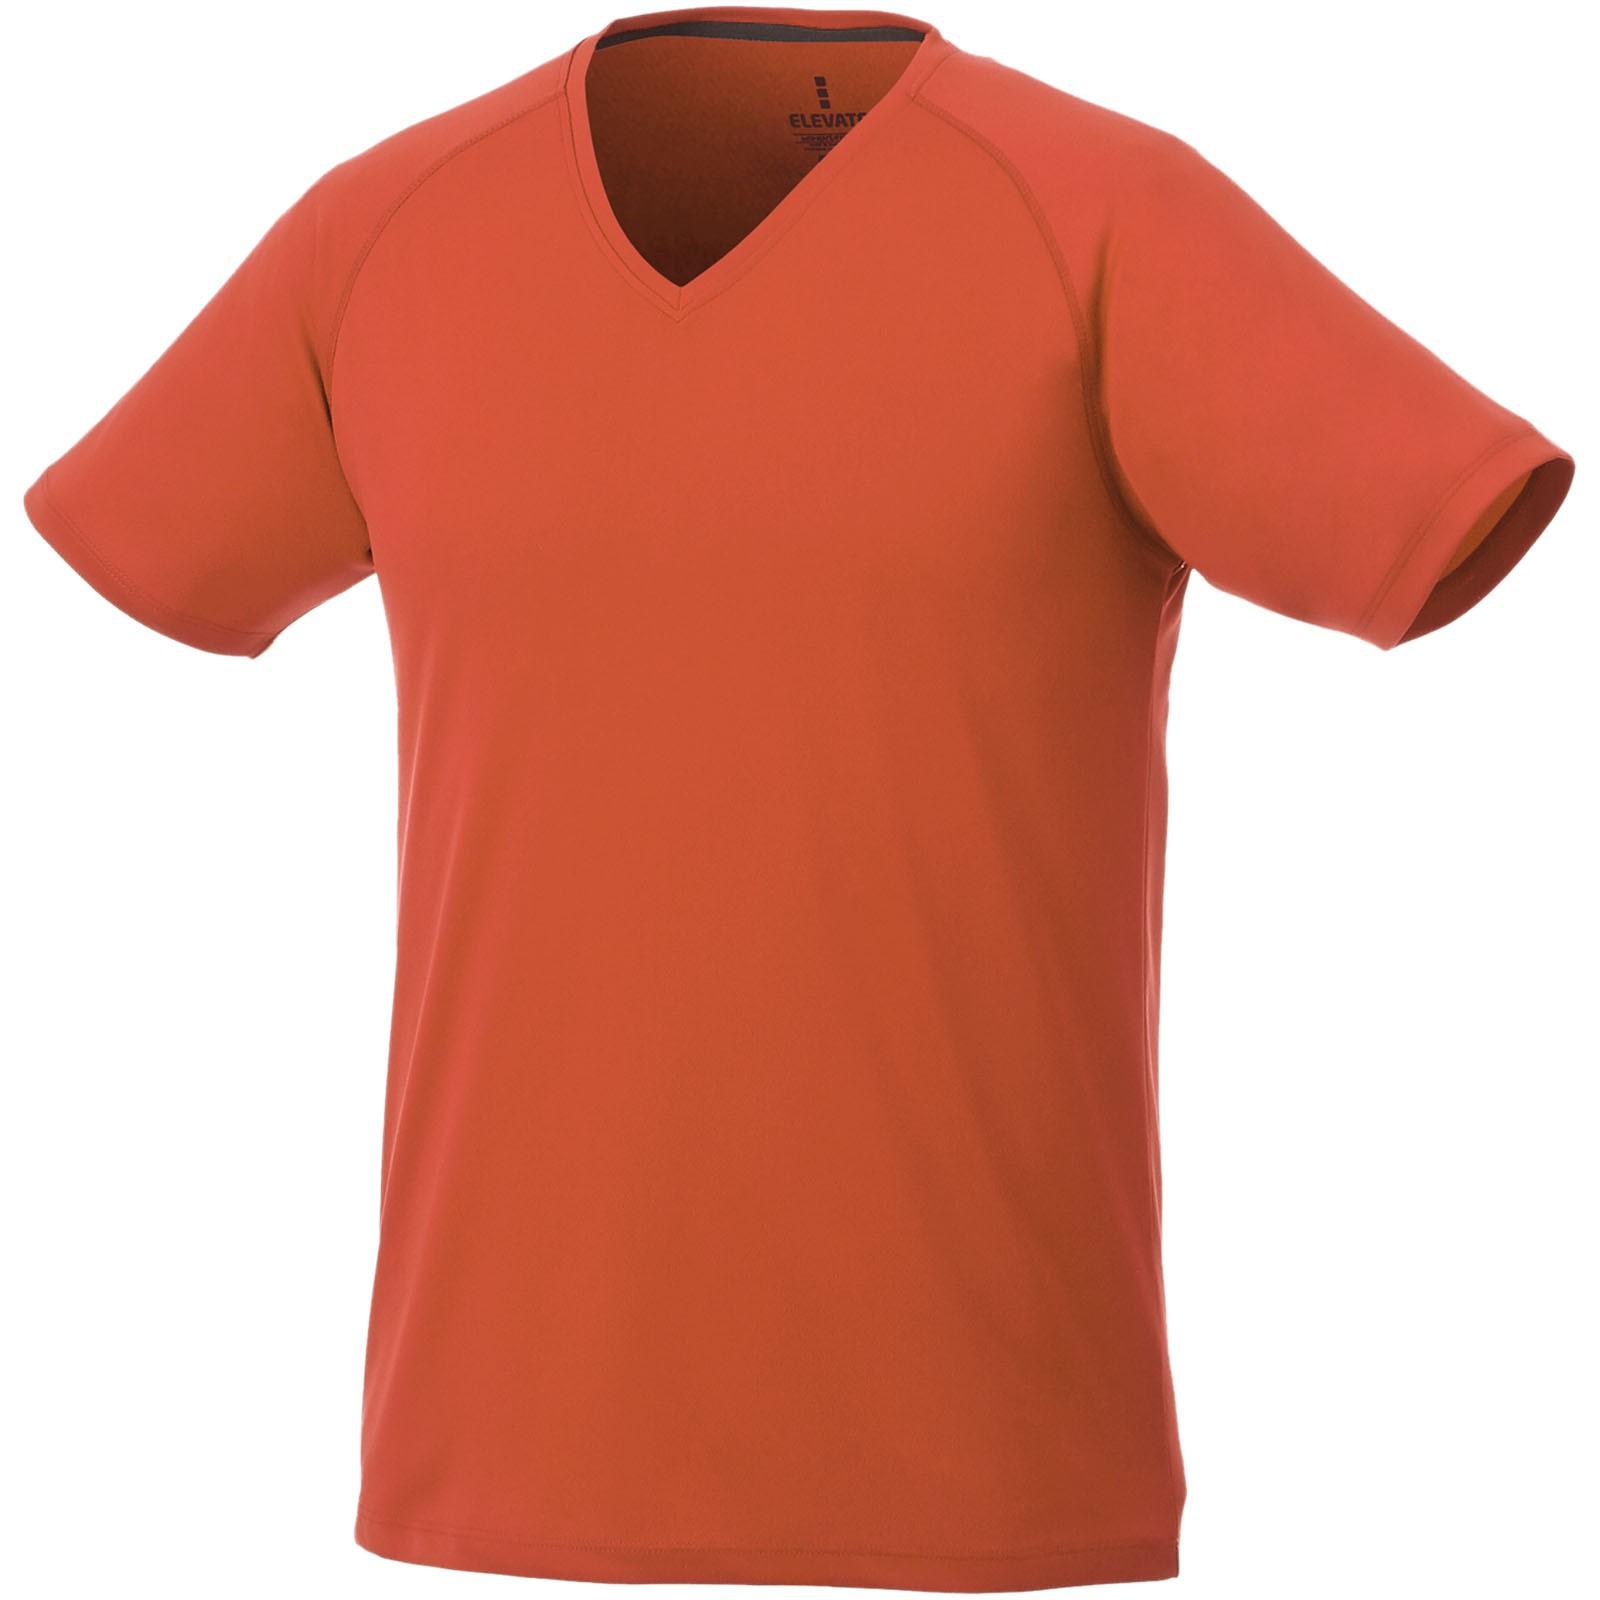 Amery pánské cool fit v-neck tričko cool fit - 0ranžová / L